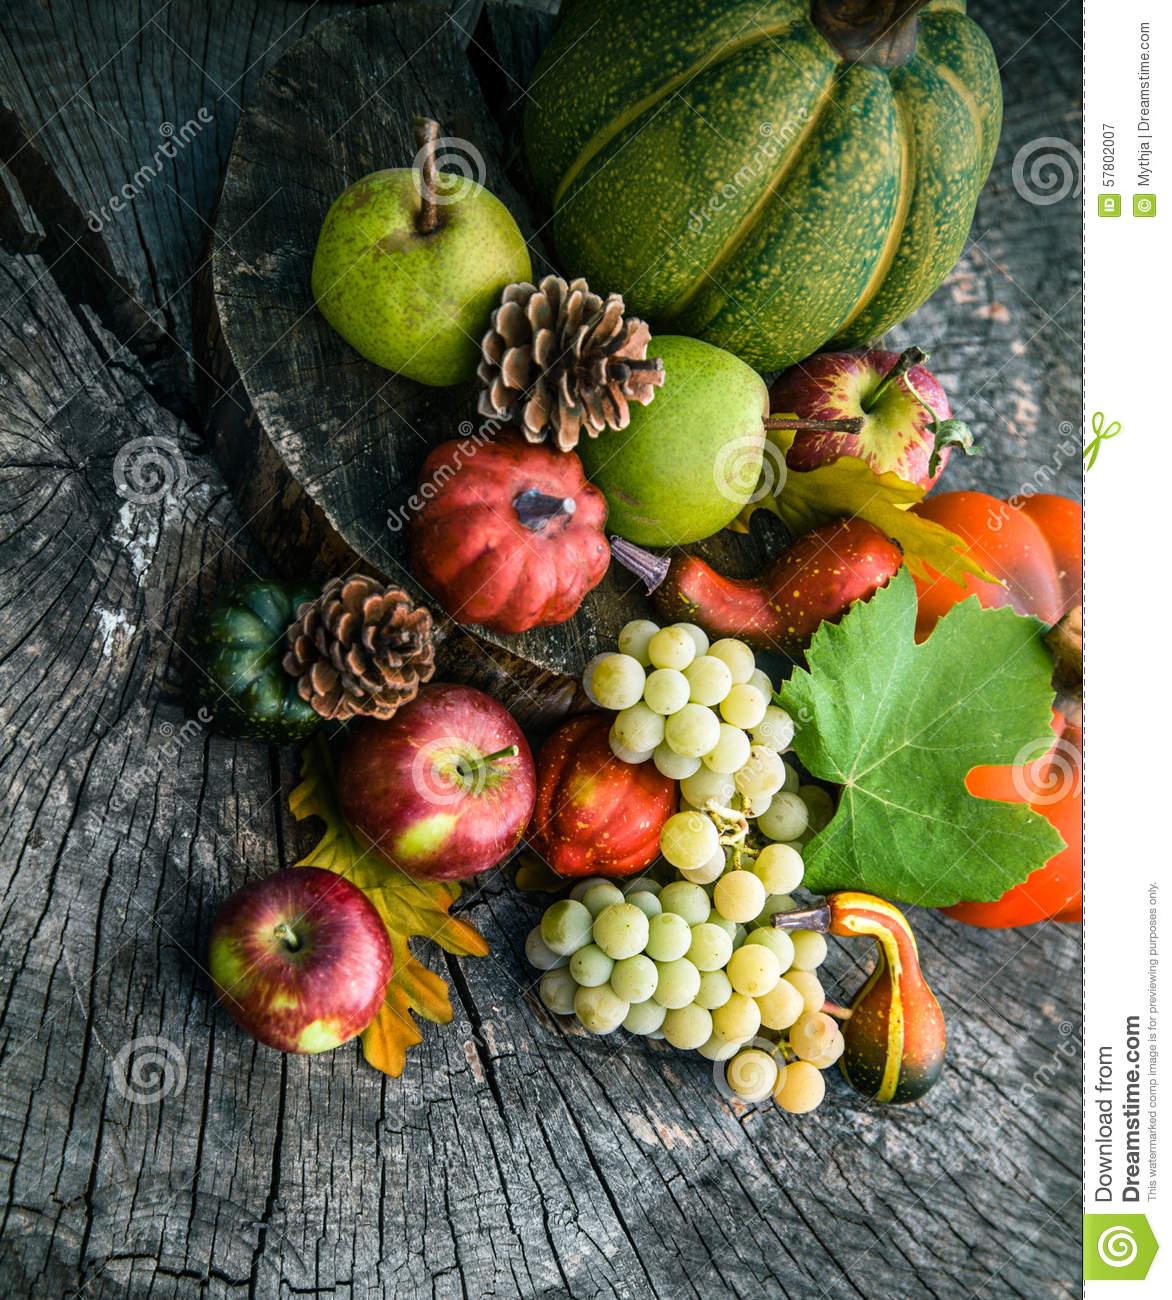 秋天的水果皮贴画图片_WWW.QQYA.COM